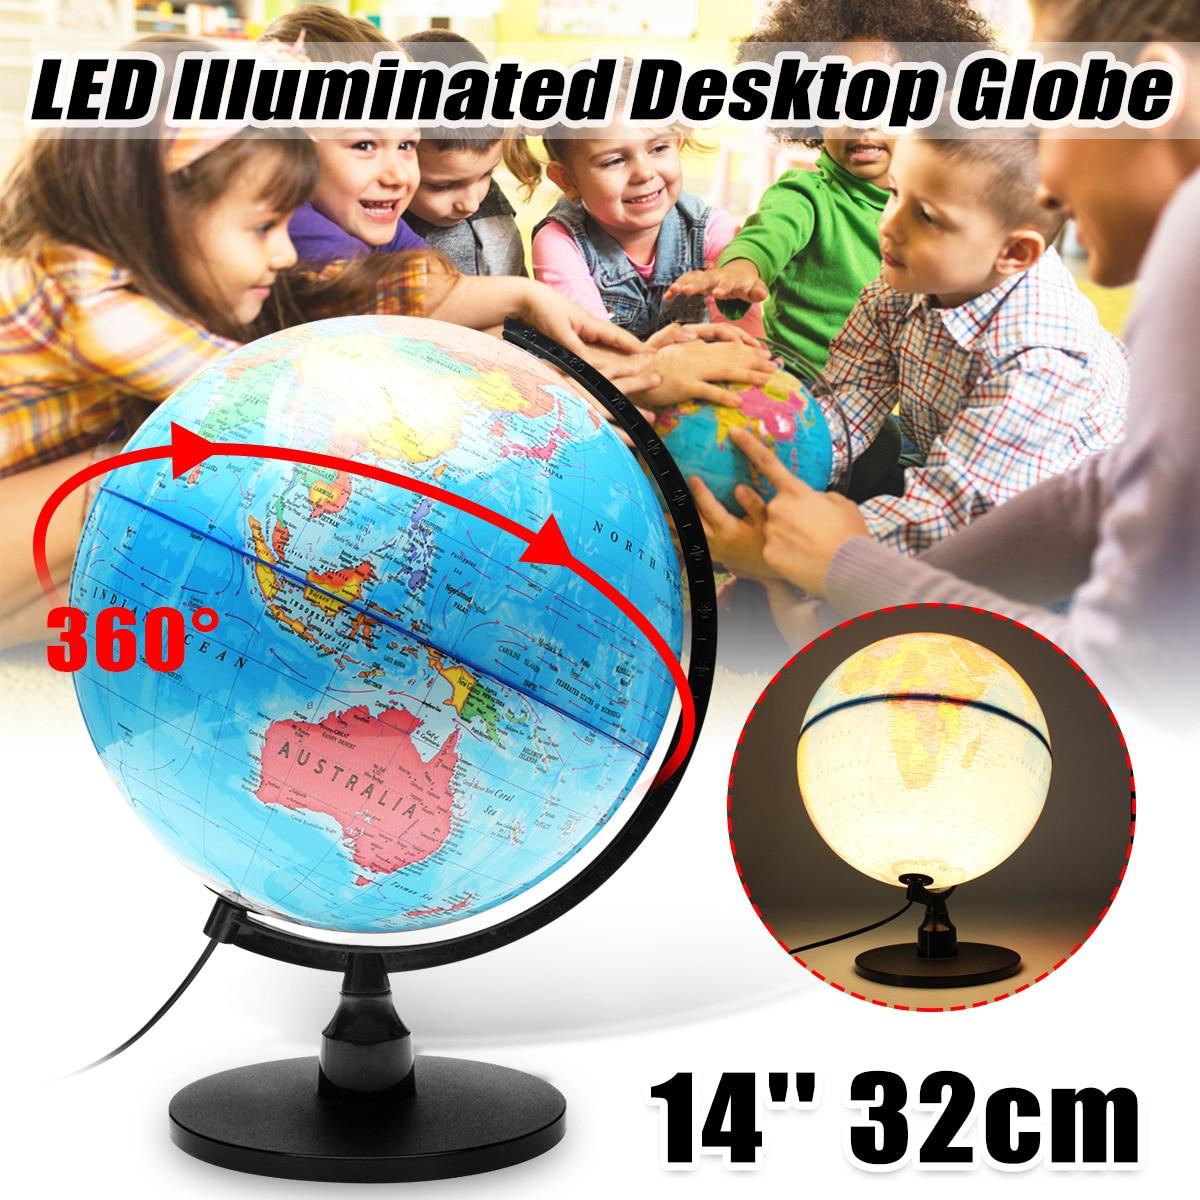 32 cm monde terre Globe carte géographie jouets éducatifs 110 V LED illuminé Tellurion lumière maison bureau décor Miniatures